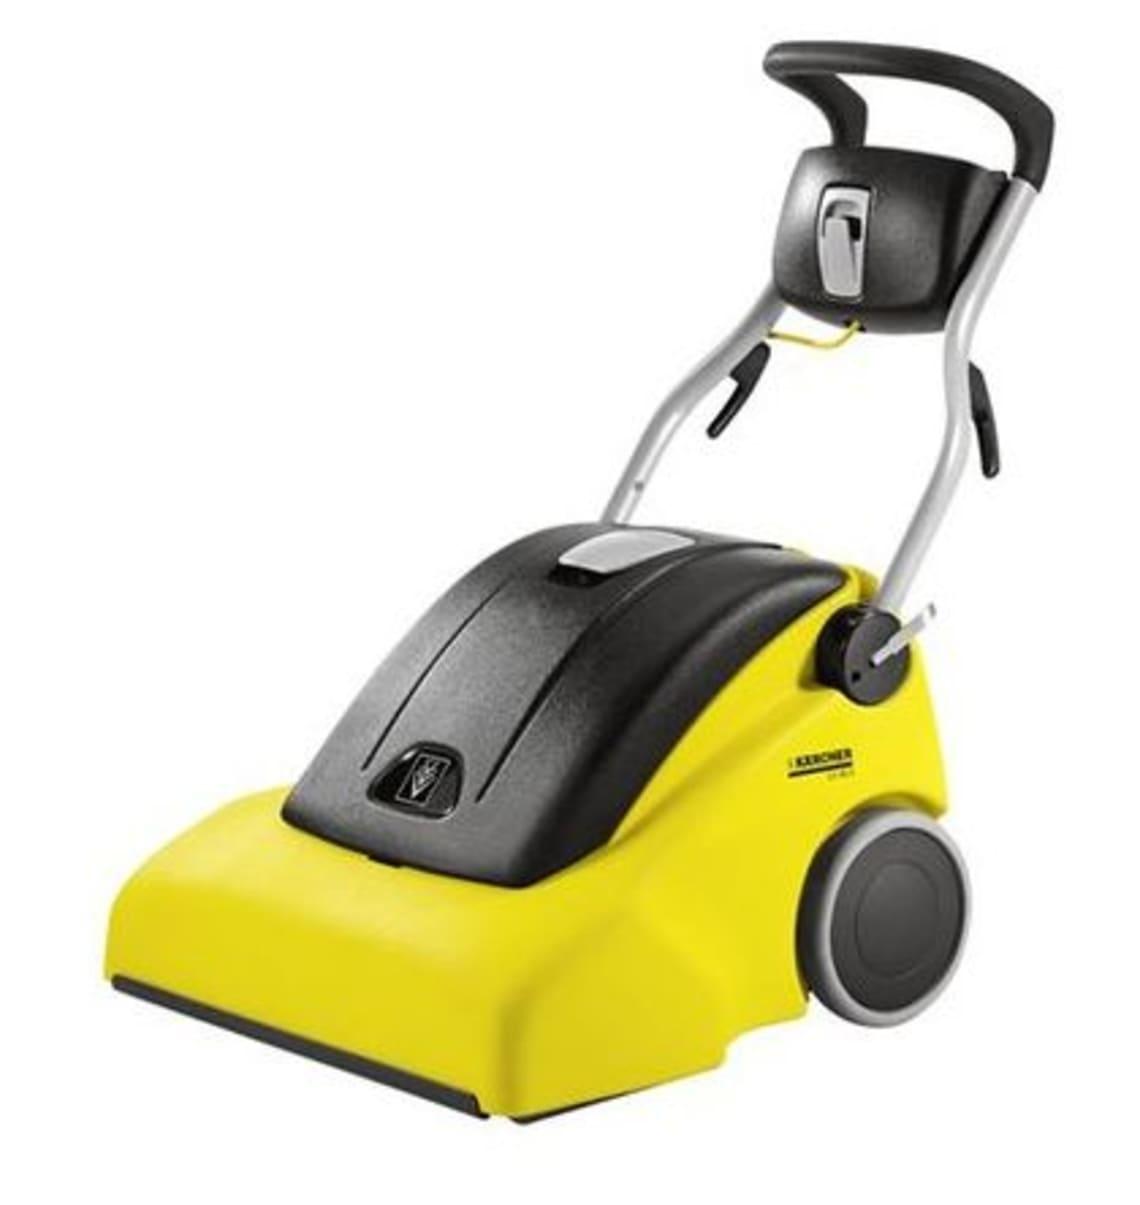 Teppichbürstsauger CV 66/2 Kärcher, Farbe Gelb und Schwarz Tennishallenboden Reinigung